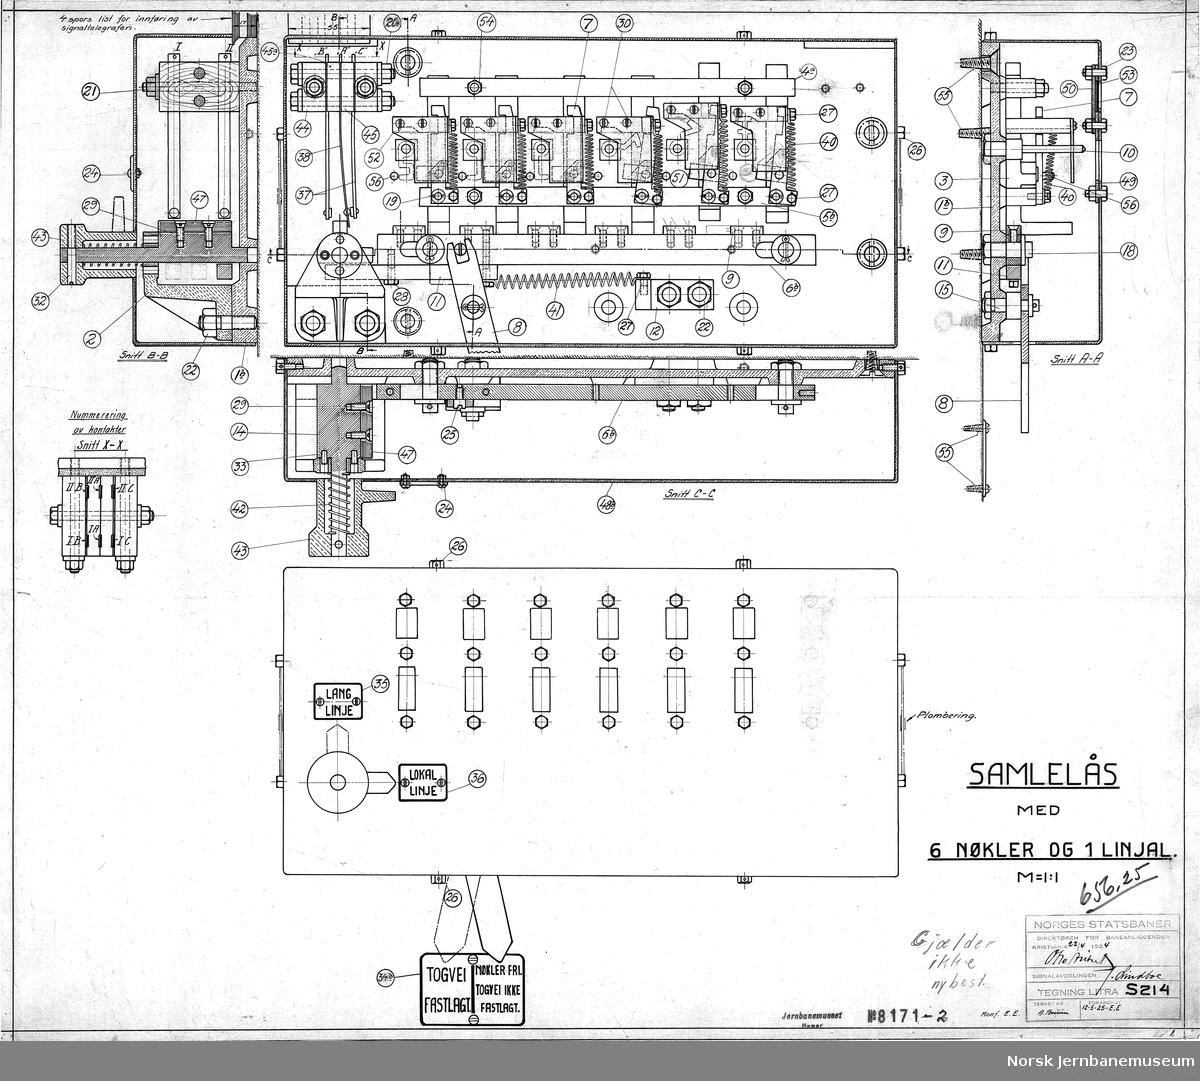 NSB Direktøren for baneanliggender, Signalavd. Samlelås med 6 nøkler og 1 linjal